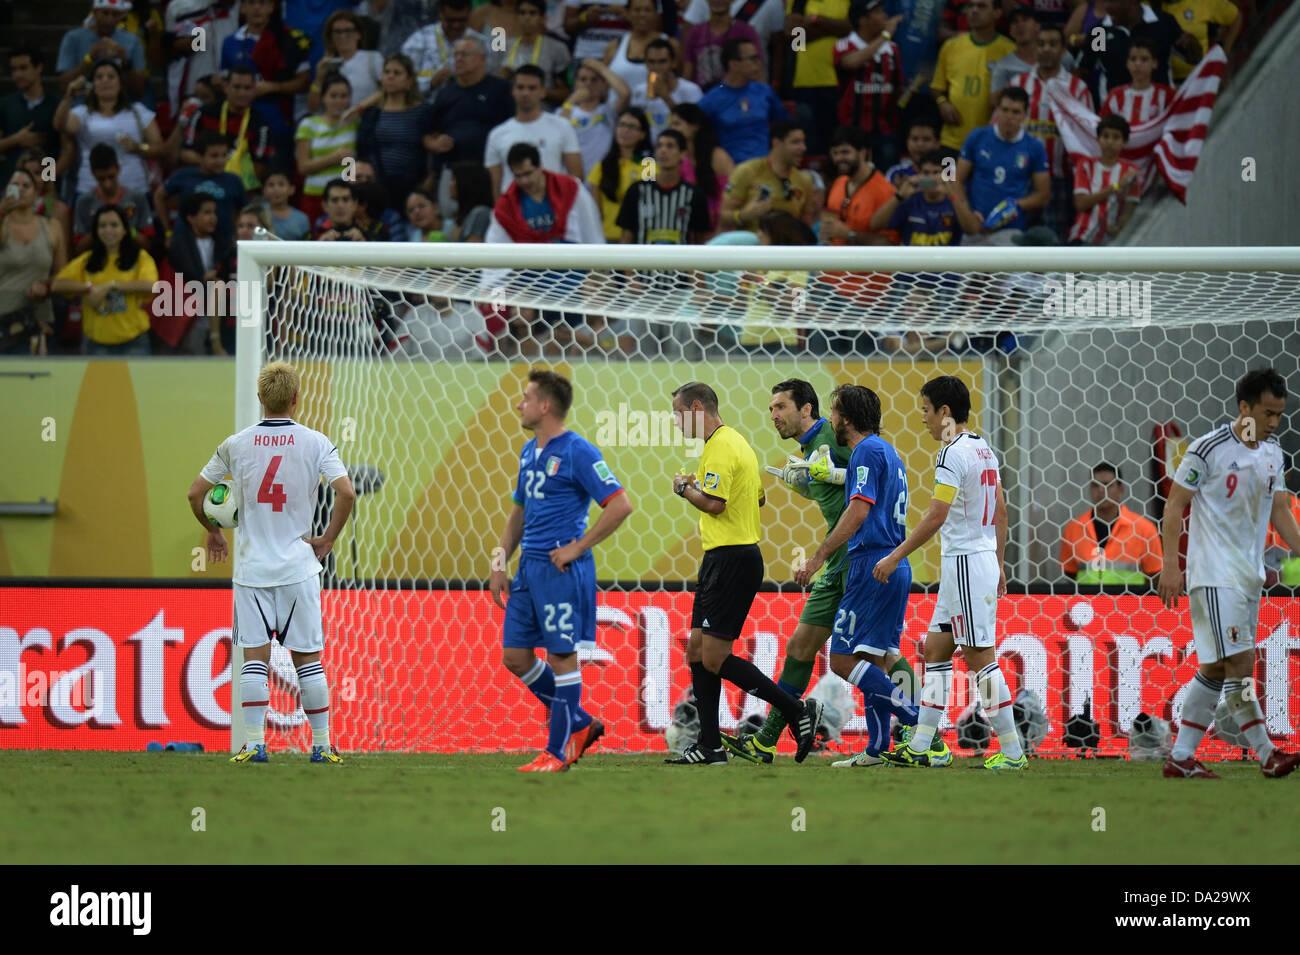 Keisuke Honda (JPN), 19. Juni 2013 - Fußball / Fußball: Keisuke Honda Japan bereitet sich auf eine Strafe zu nehmen, Stockfoto